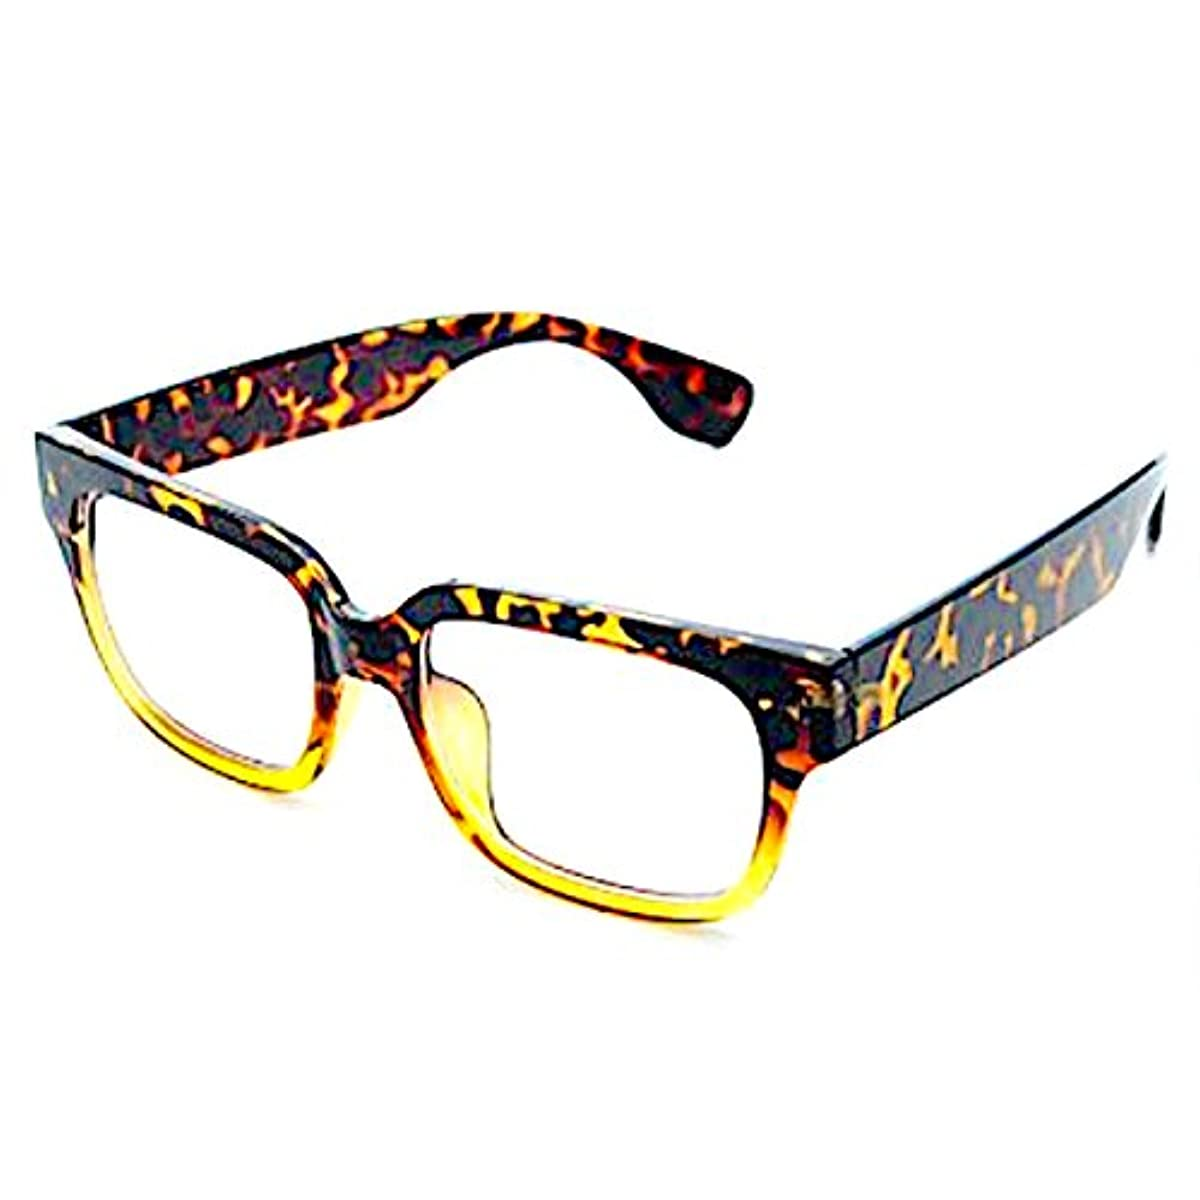 [해외] FREESE 다테 안경 맨즈 디자이너스 패션 멋으로 쓰는도수 없는 안경 웰링톤 블랙인연 빅 프레임 캐주얼 【후쿠온카발의 안경 브랜드 FREESE】